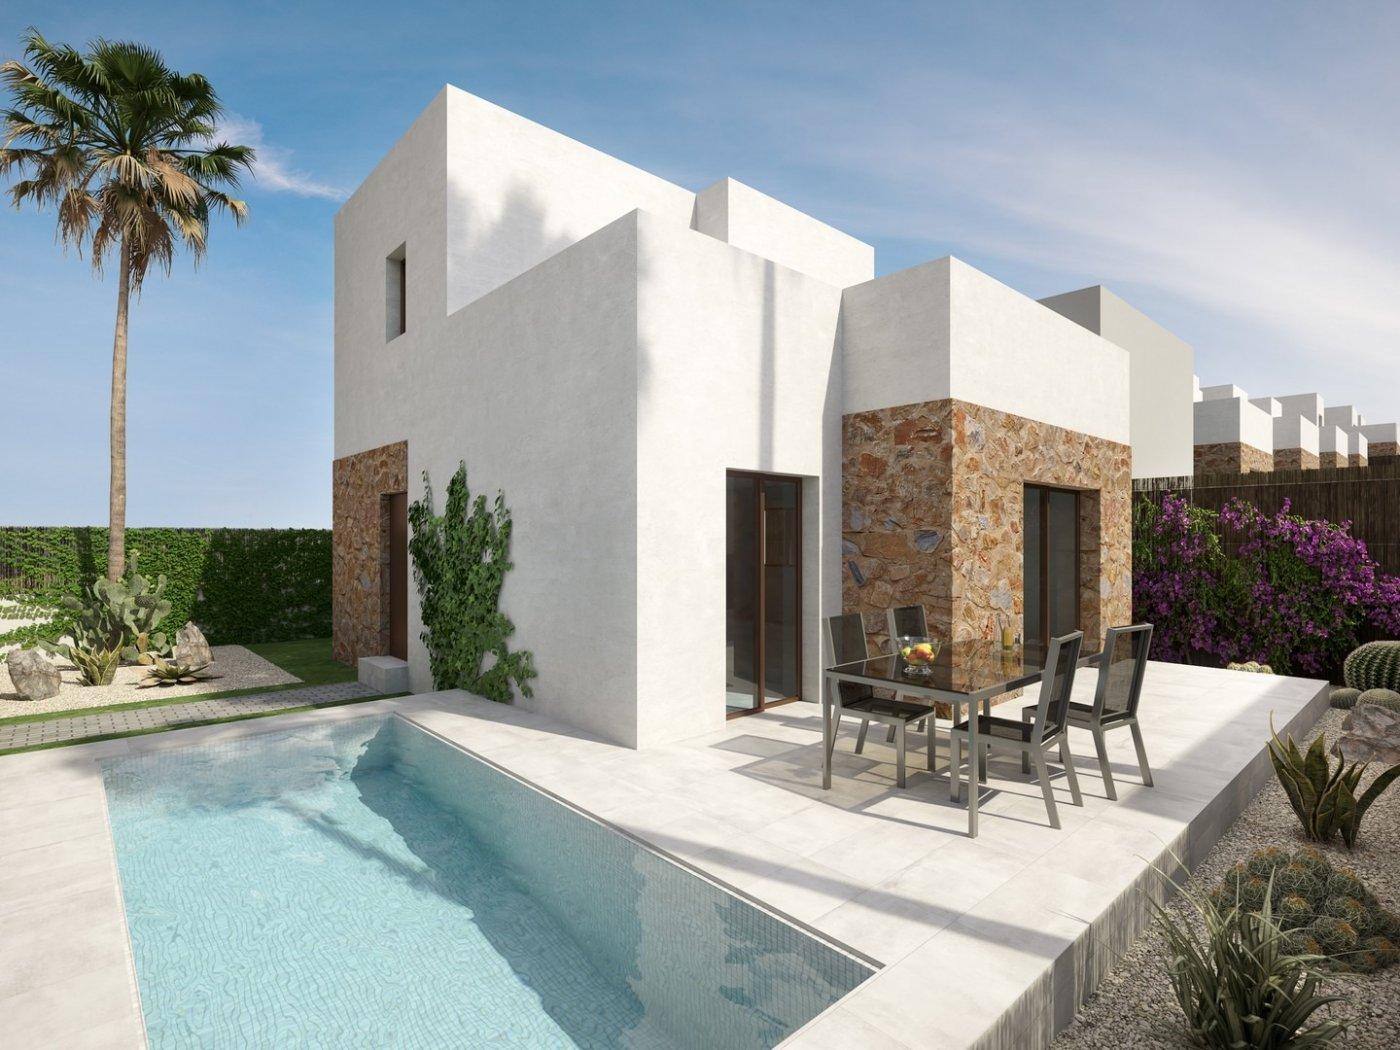 Nuevas villas pareadas e independientes en orihuela costa !!! - imagenInmueble13